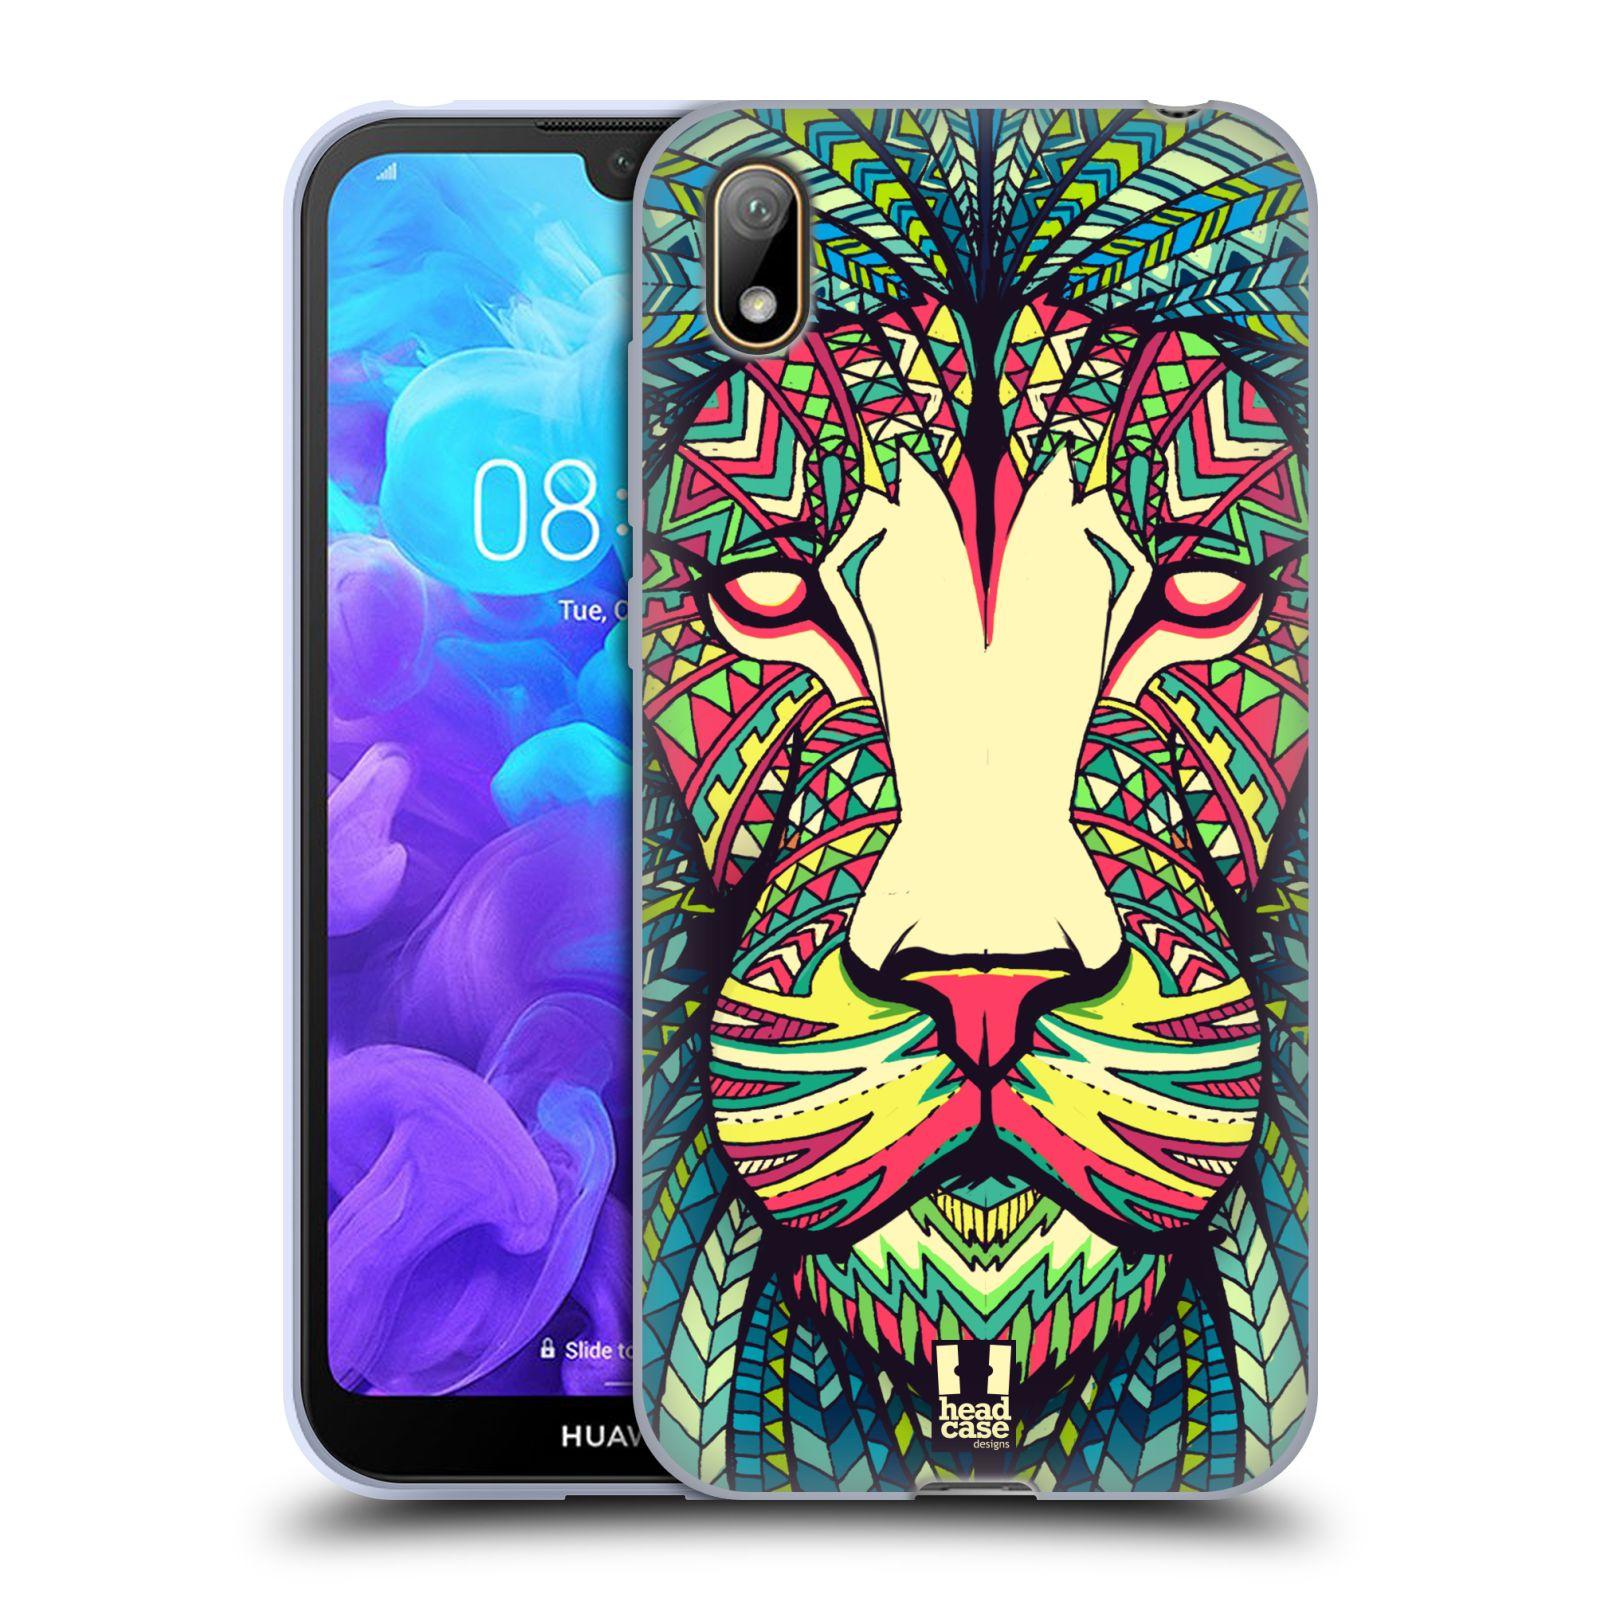 Silikonové pouzdro na mobil Huawei Y5 (2019) - Head Case - AZTEC LEV